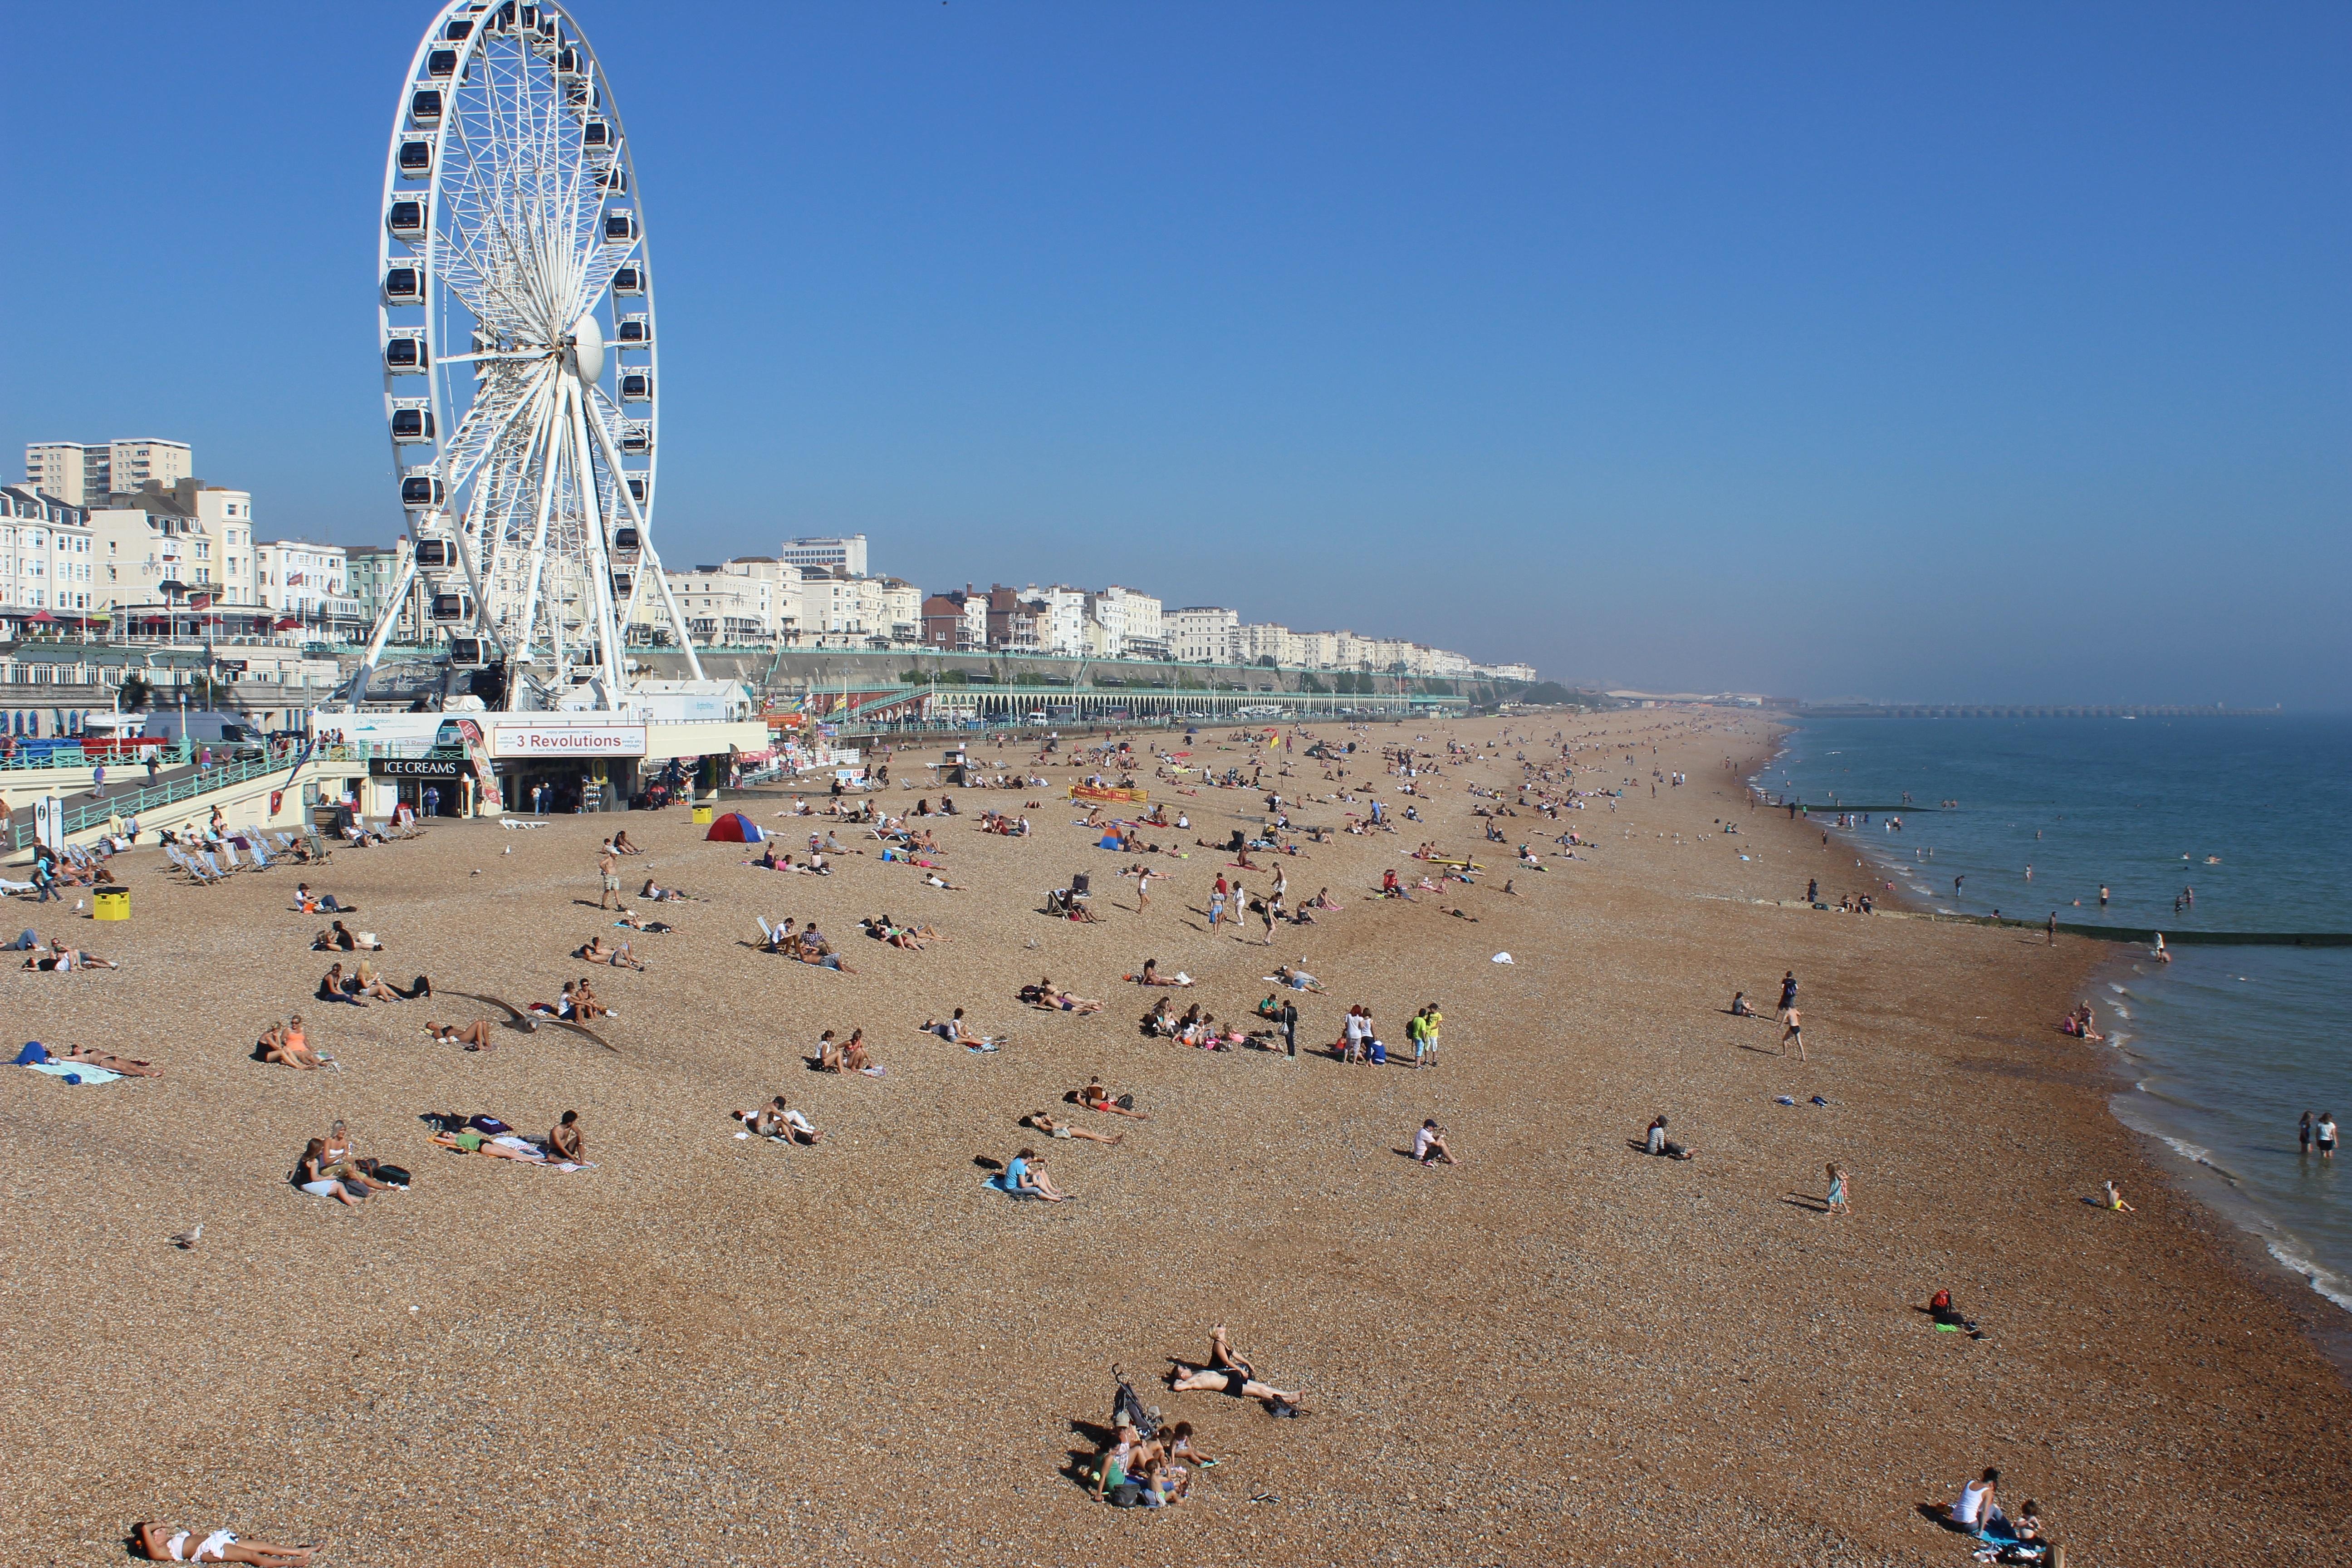 колесо обозрения прибрежье пляж скачать